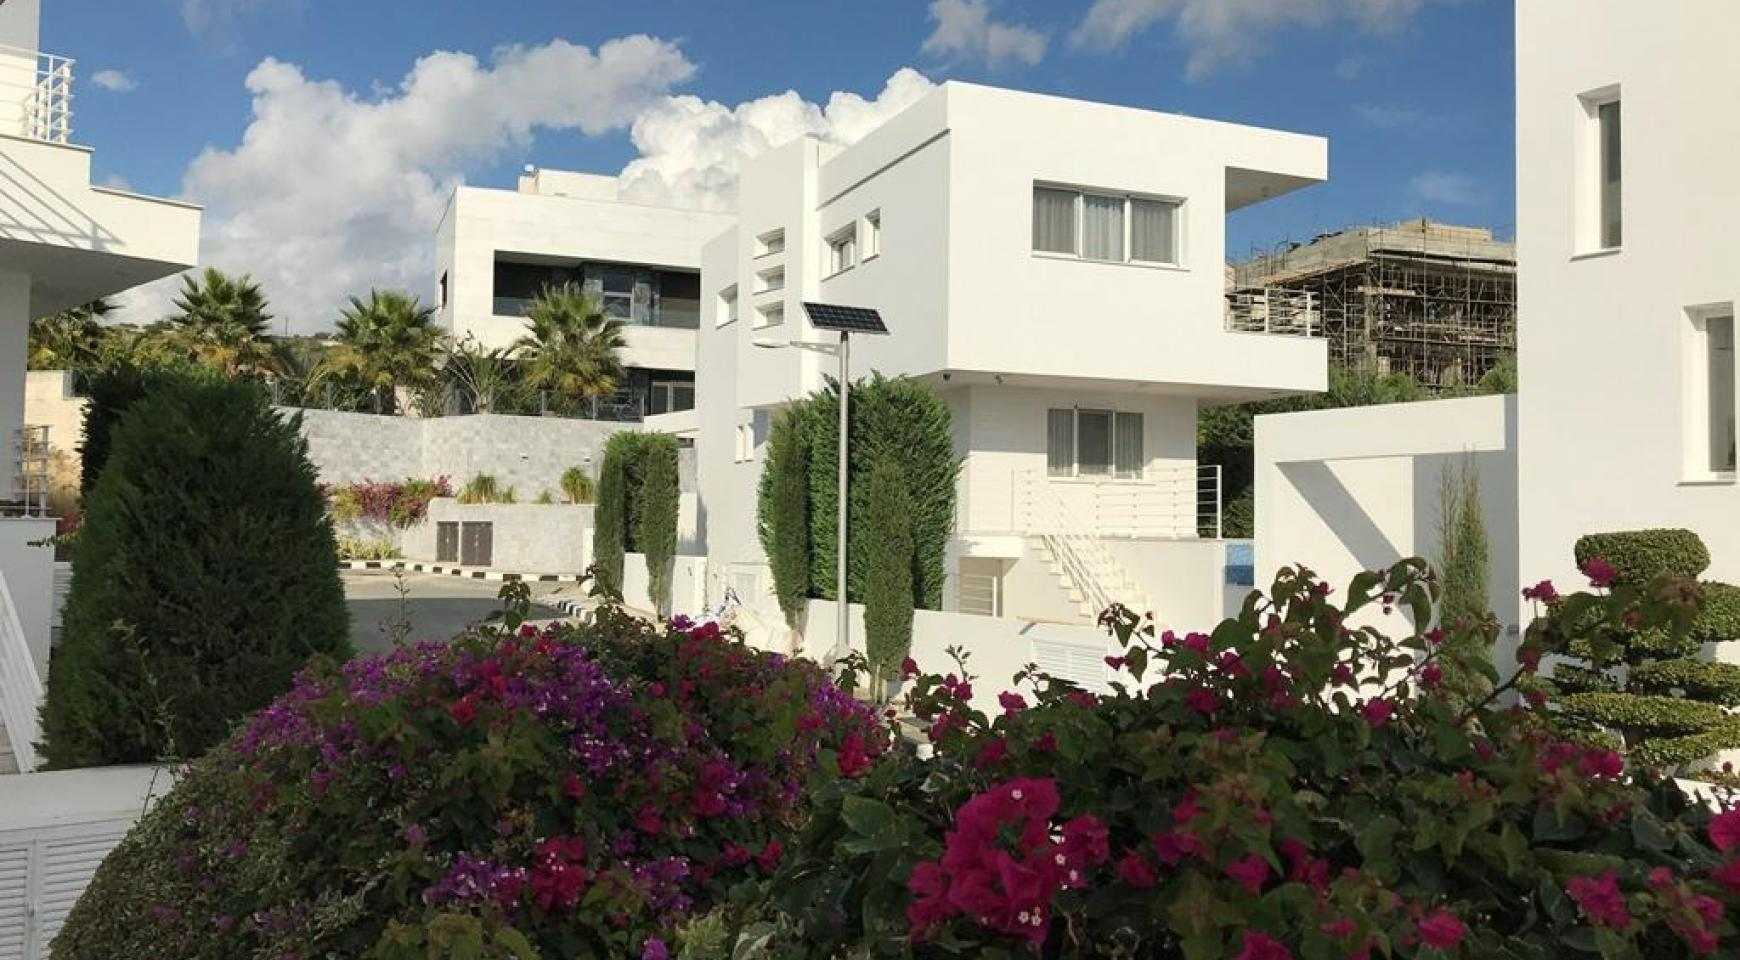 Contemporary 4 Bedroom Villa with Sea Views in Agios Tychonas - 1